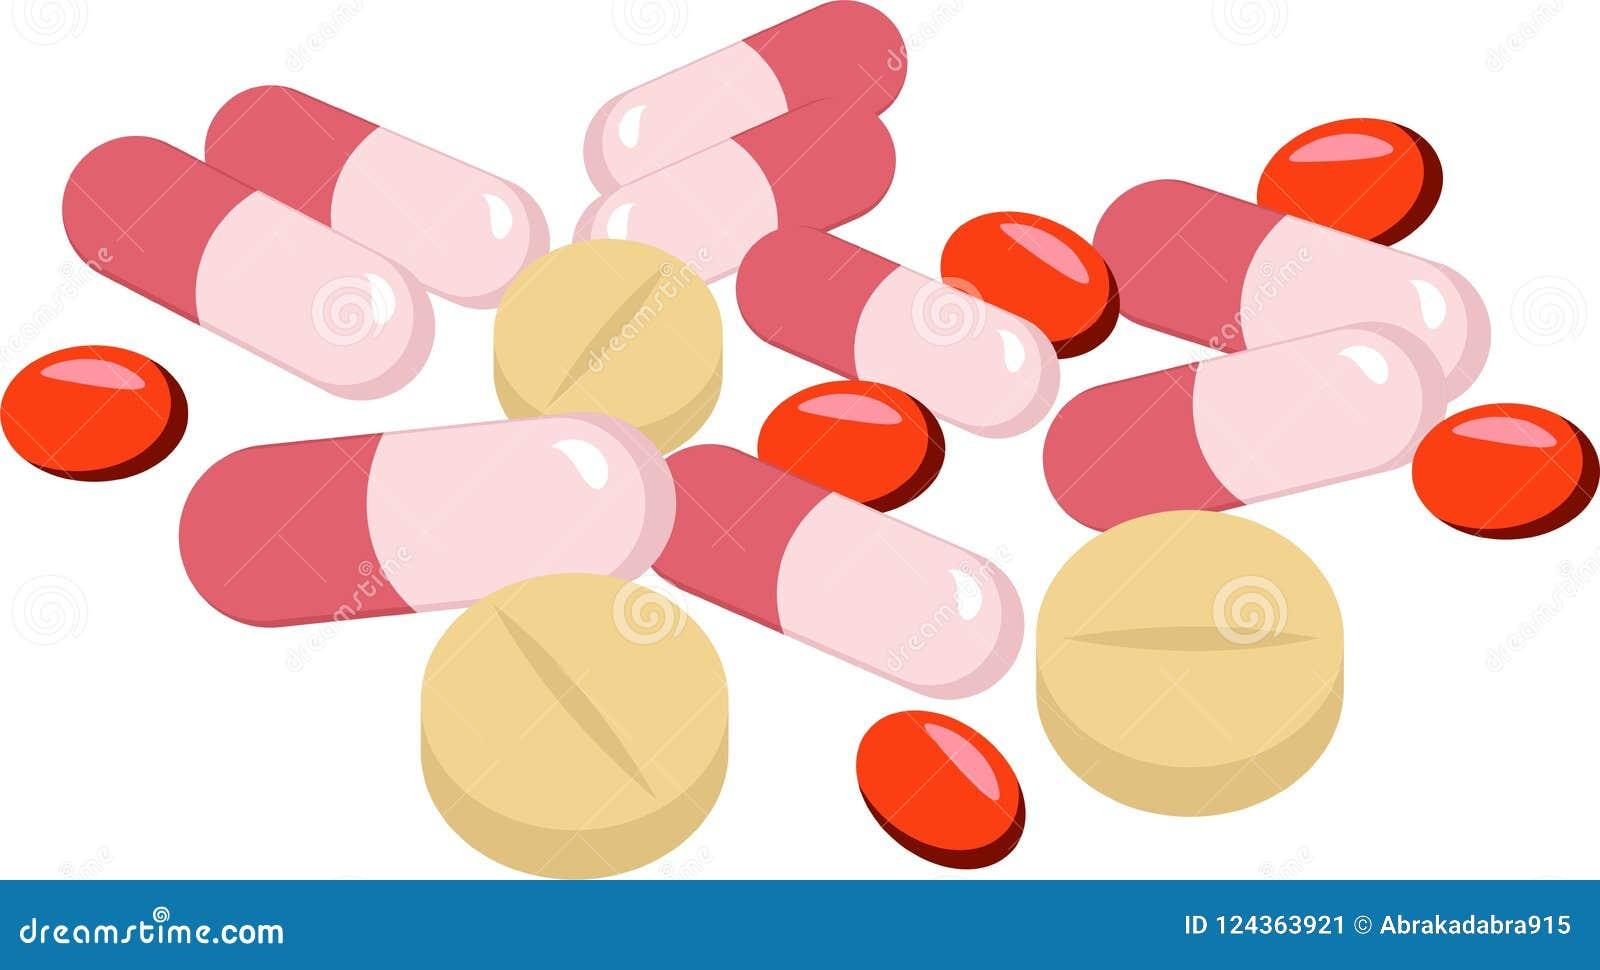 Píldoras, tabletas y cápsulas farmacéuticas clasificadas de la medicina sobre el fondo blanco